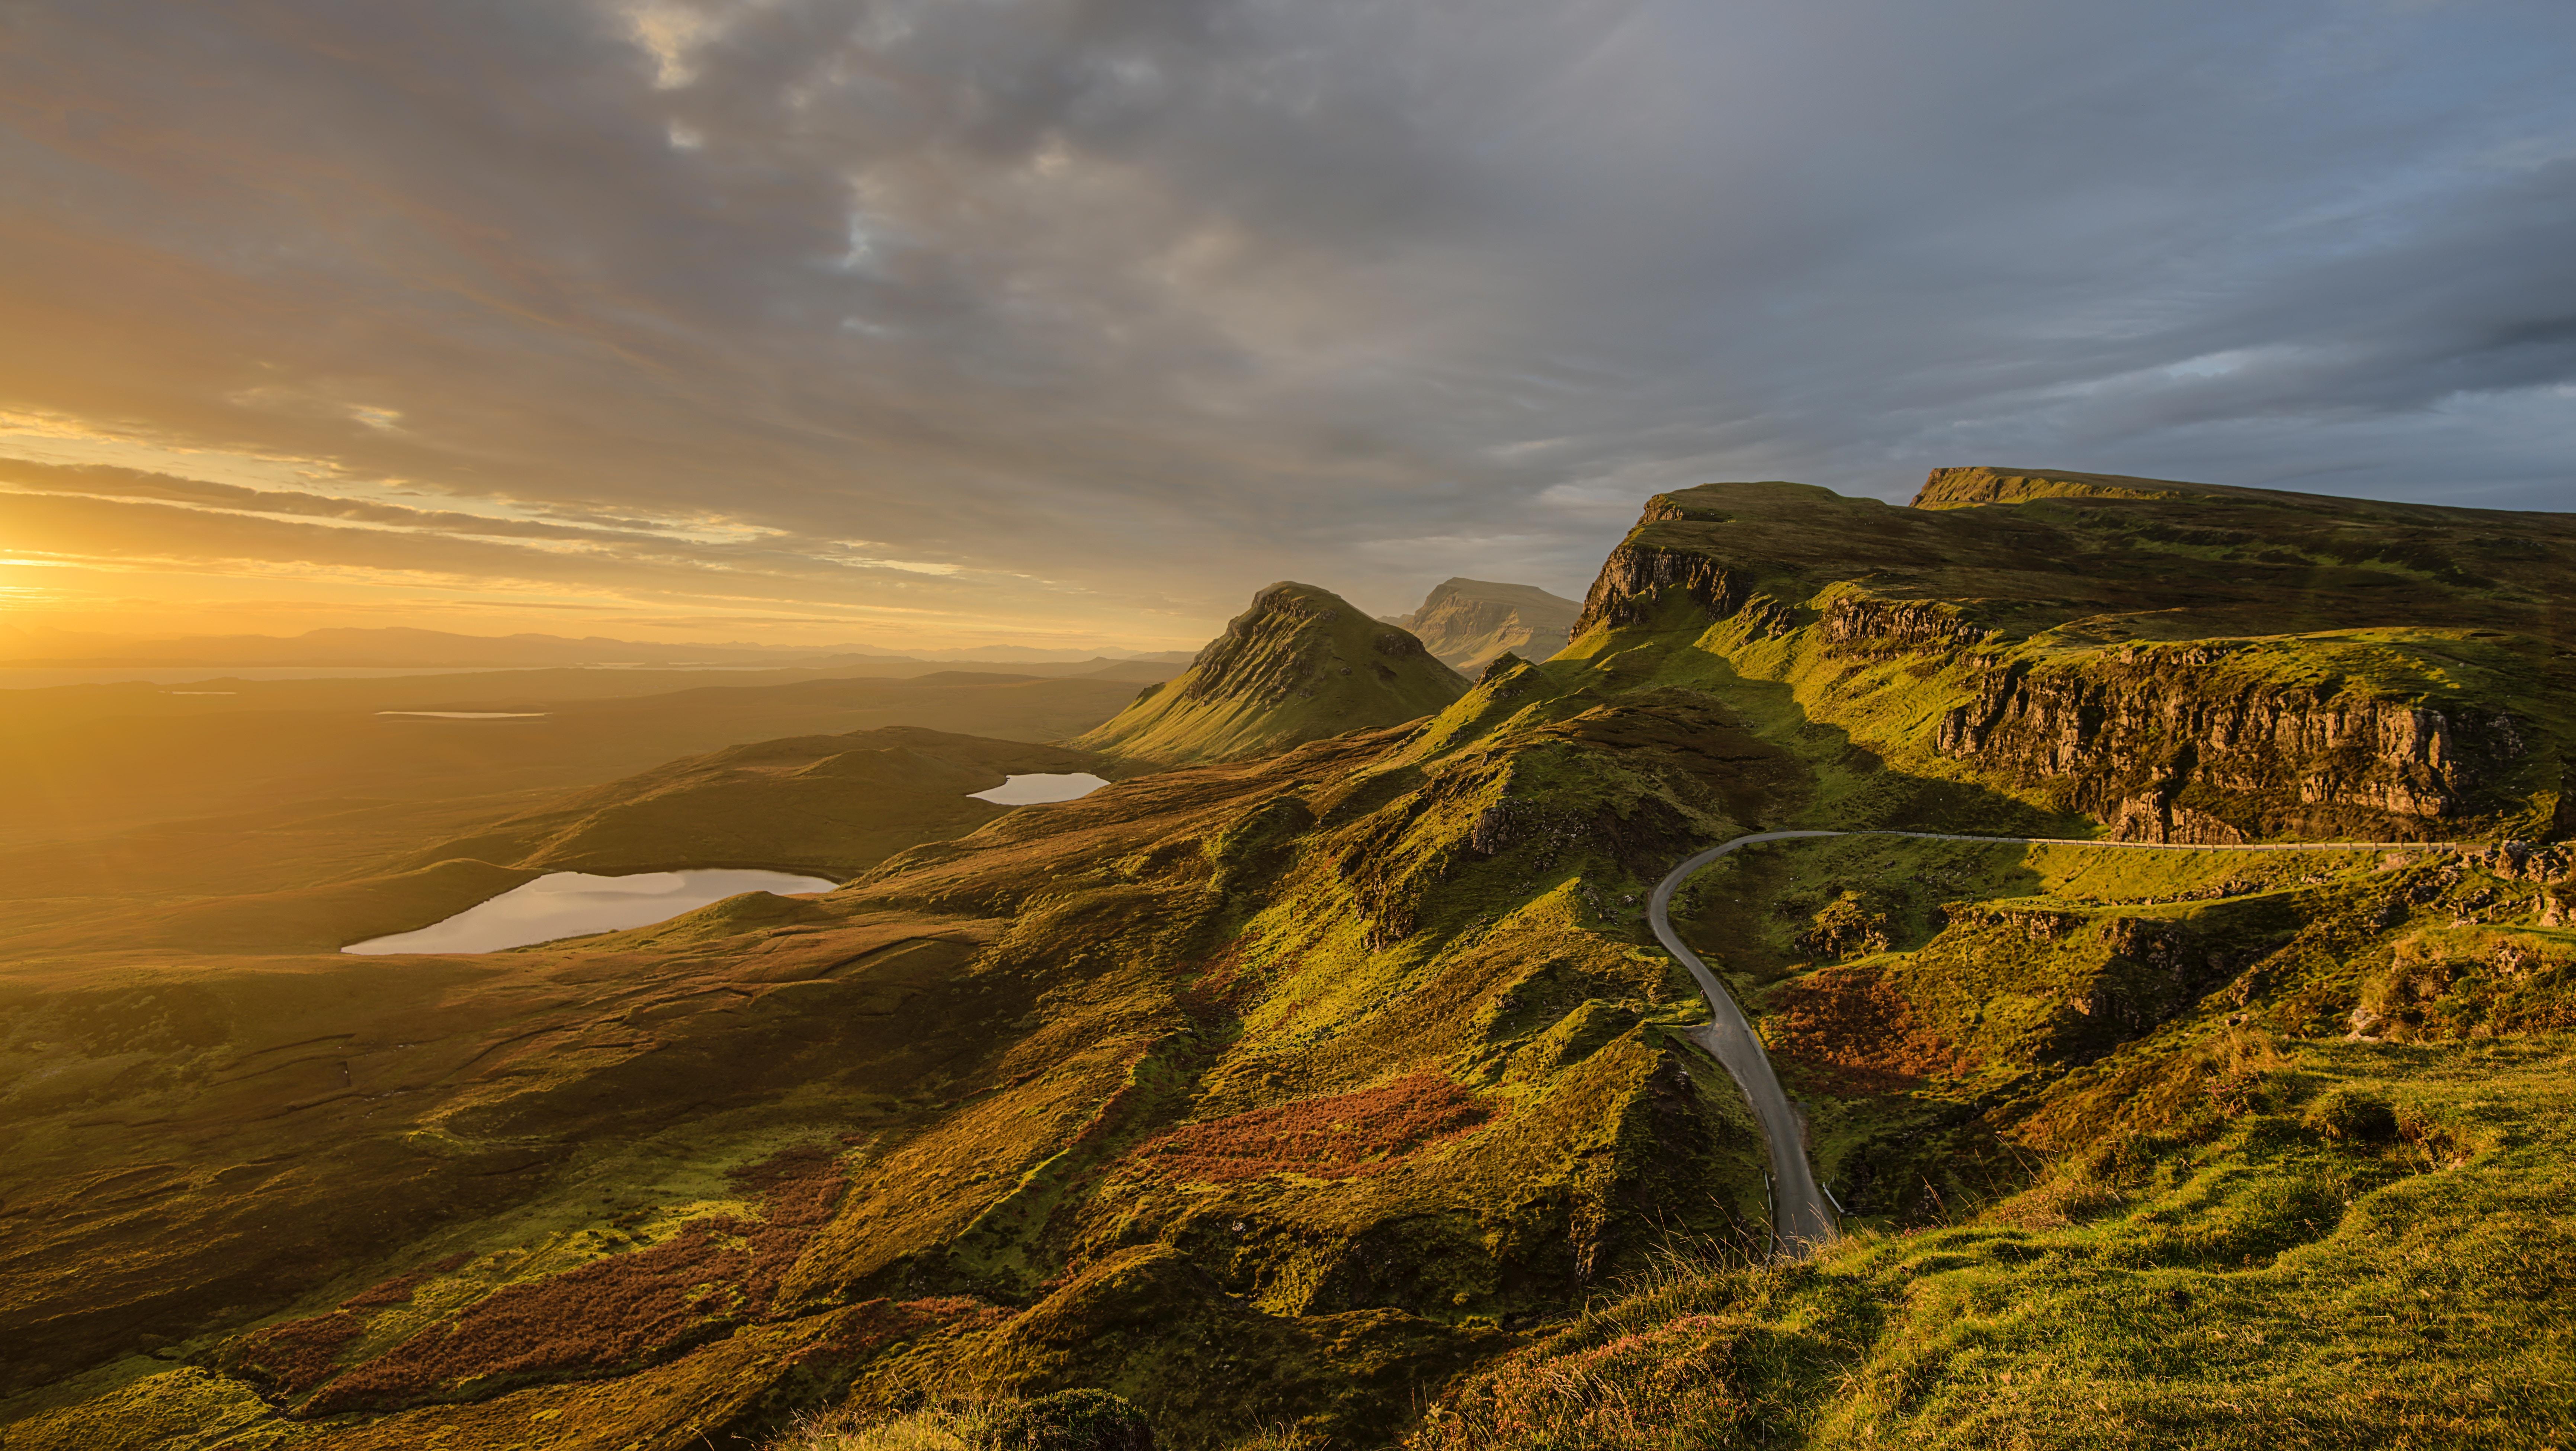 スカイ島(スコットランド)!ここはまるで別世界!翼の島の絶景を紹介!